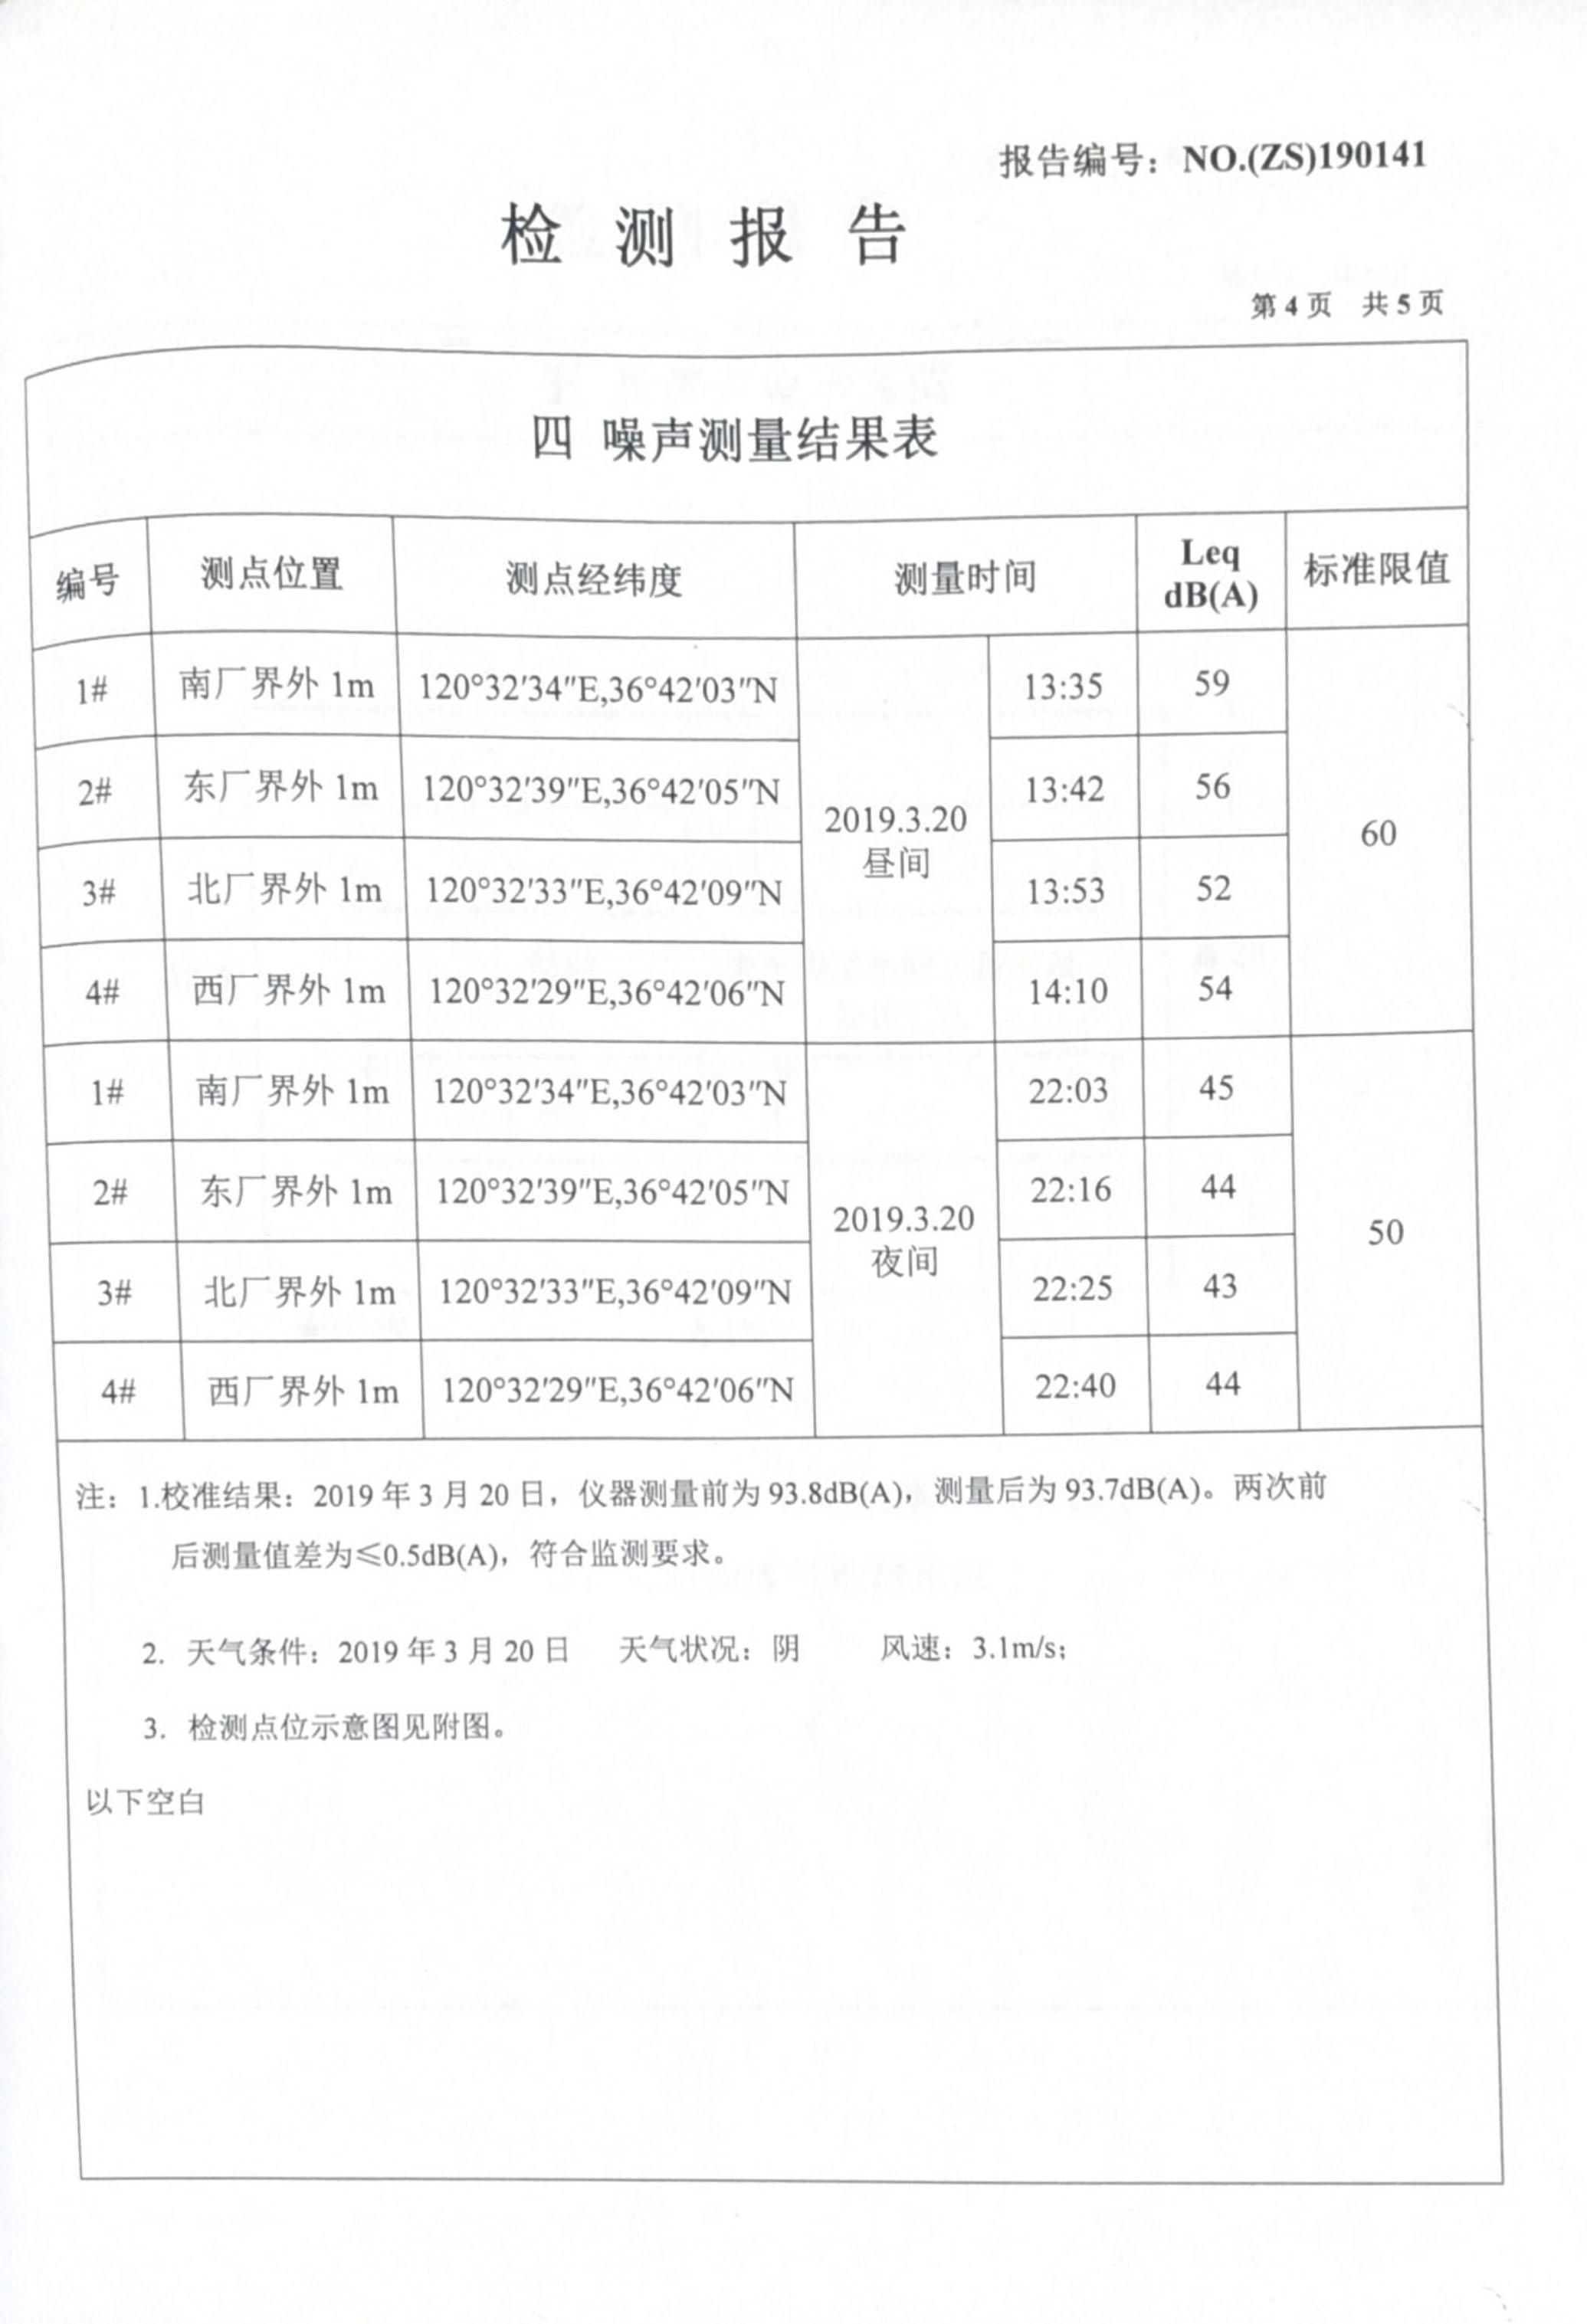 青岛海诺生物工程有限公司自行检测报告-6